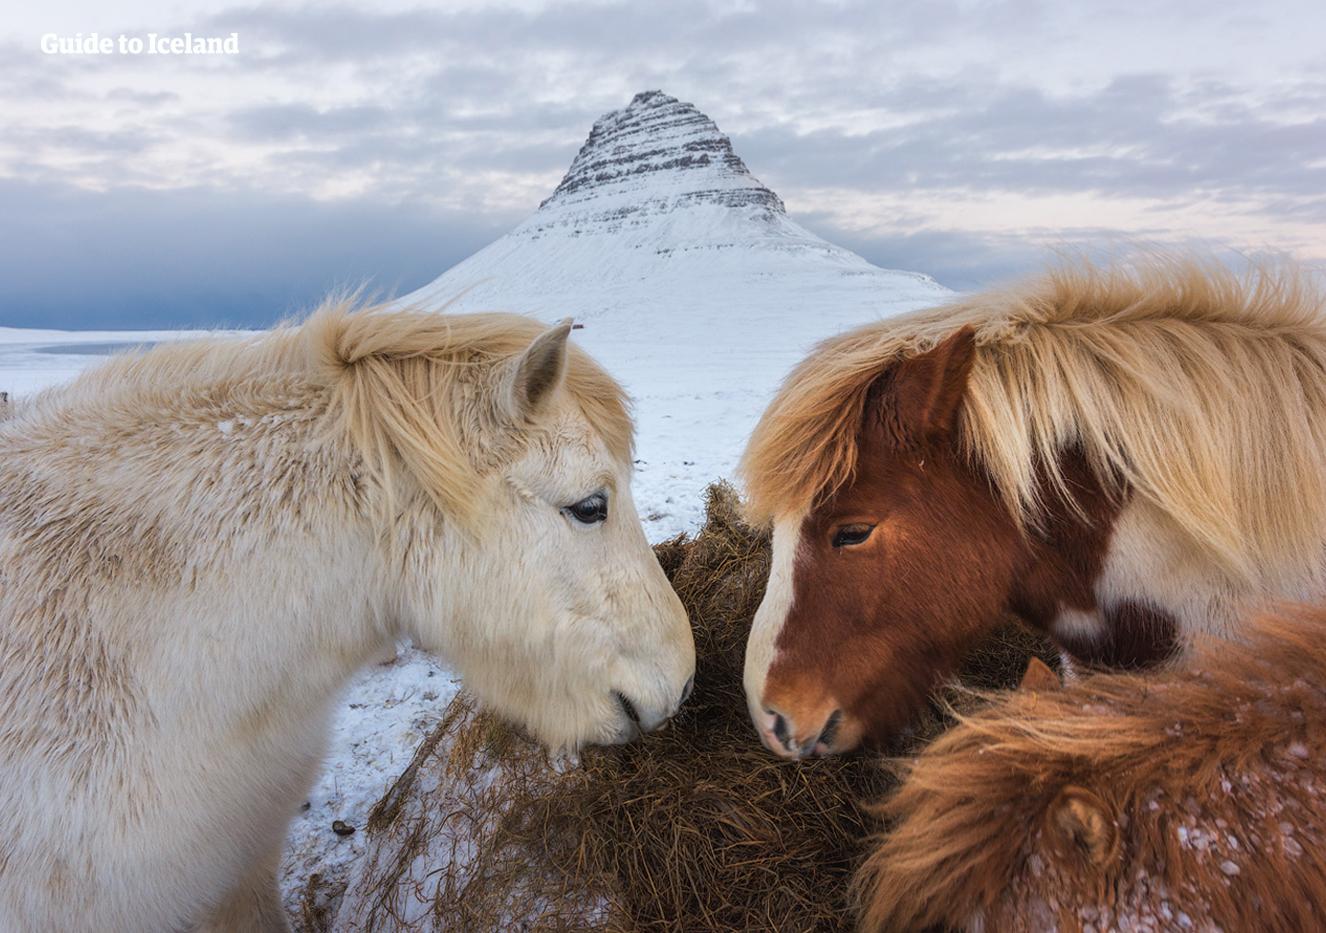 Snæfellsnes heeft veel te bieden, waaronder de beroemde berg de Kirkjufell, waar je vaak rondzwervende IJslandse paarden tegenkomt.